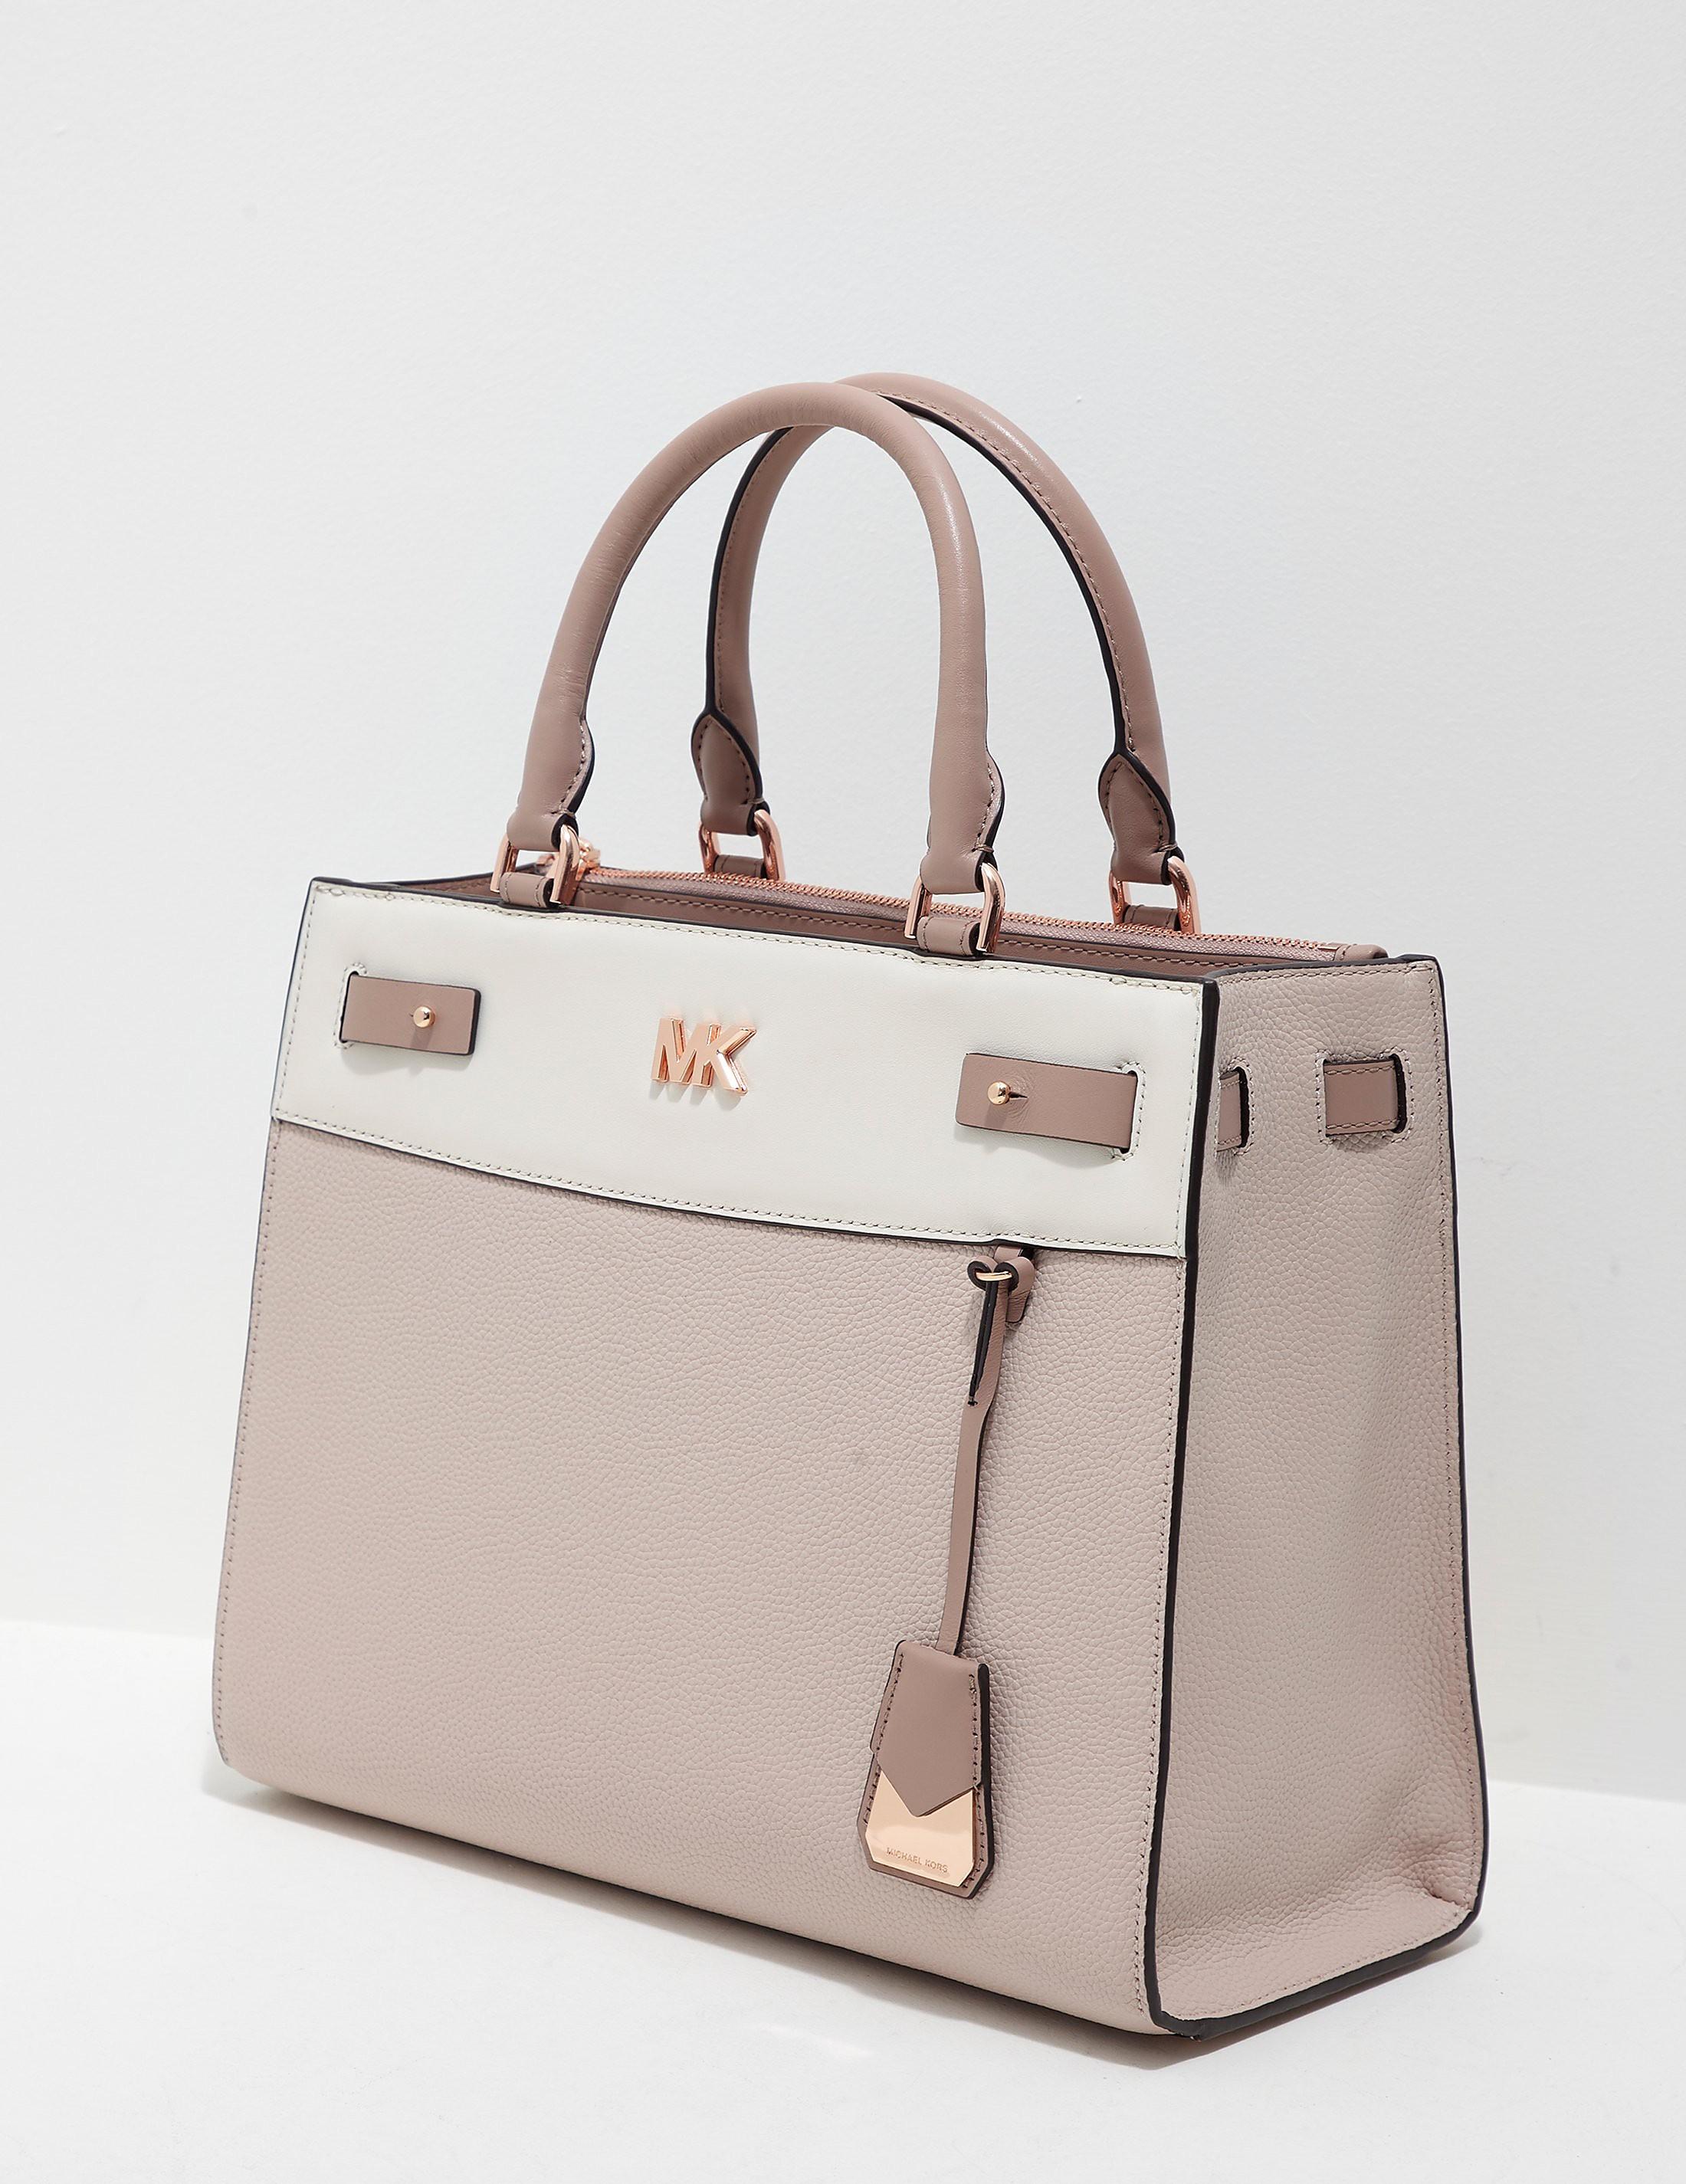 Michael Kors Nolita Satchel Bag - Online Exclusive